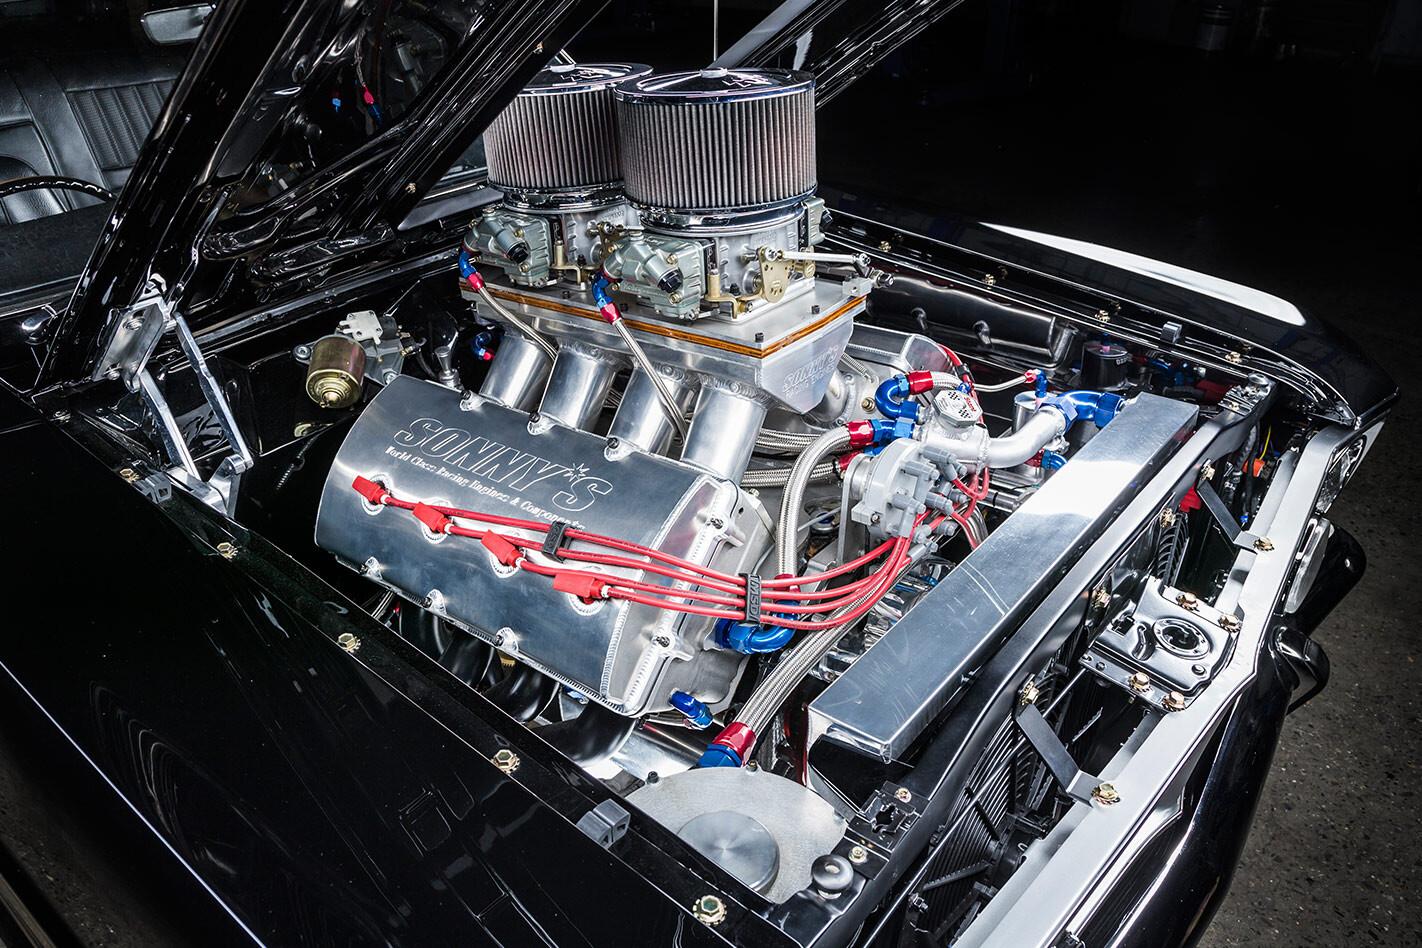 Ford Falcon XY engine bay